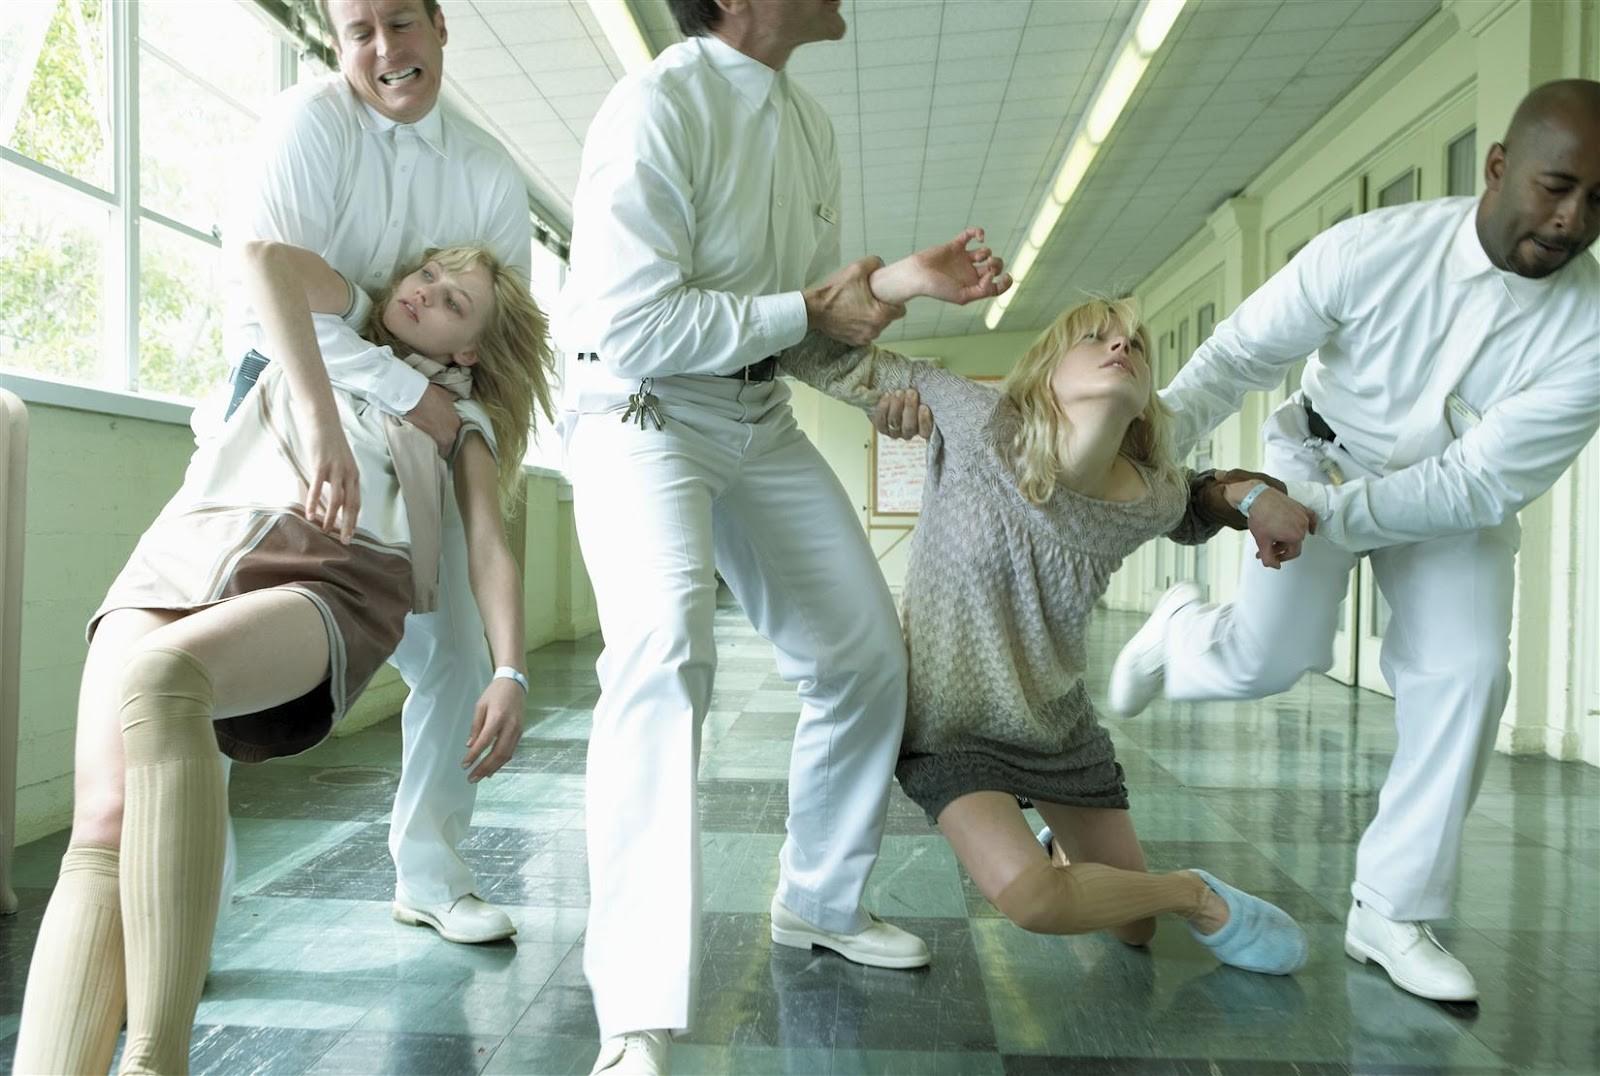 Рассказы секс в психиатрической больнице 12 фотография